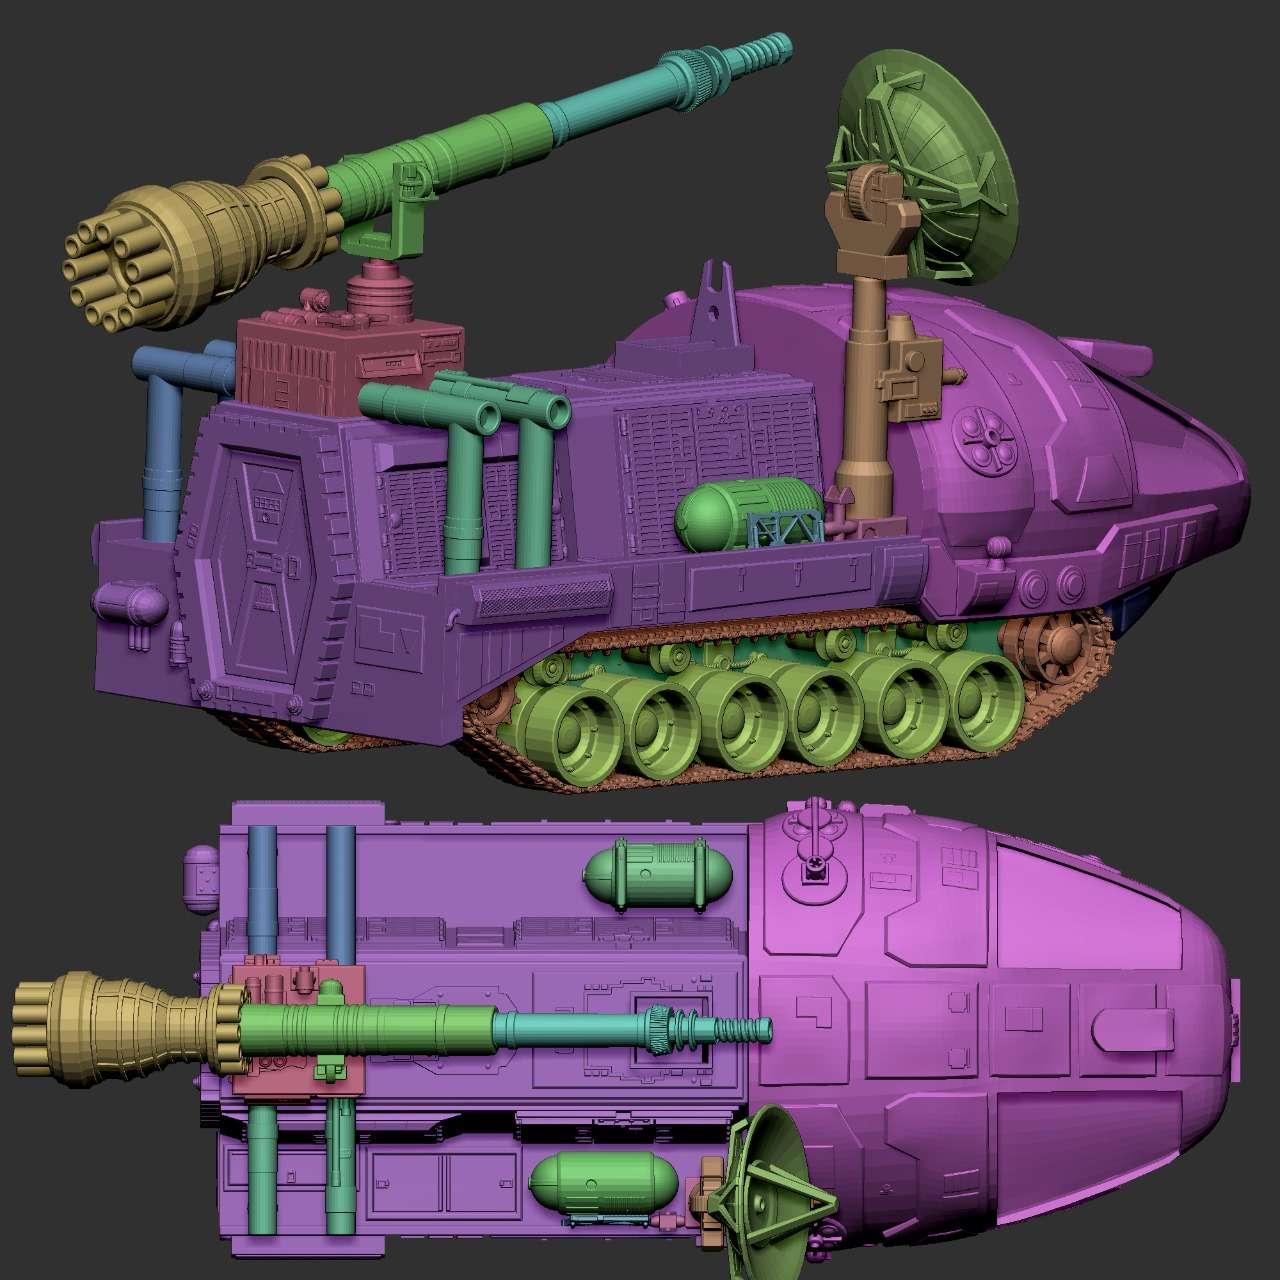 Space 1999 Alpha Laser Tank - Space 1999 Alpha Laser Tank - Os melhores arquivos para impressão 3D do mundo. Modelos stl divididos em partes para facilitar a impressão 3D. Todos os tipos de personagens, decoração, cosplay, próteses, peças. Qualidade na impressão 3D. Modelos 3D com preço acessível. Baixo custo. Compras coletivas de arquivos 3D.